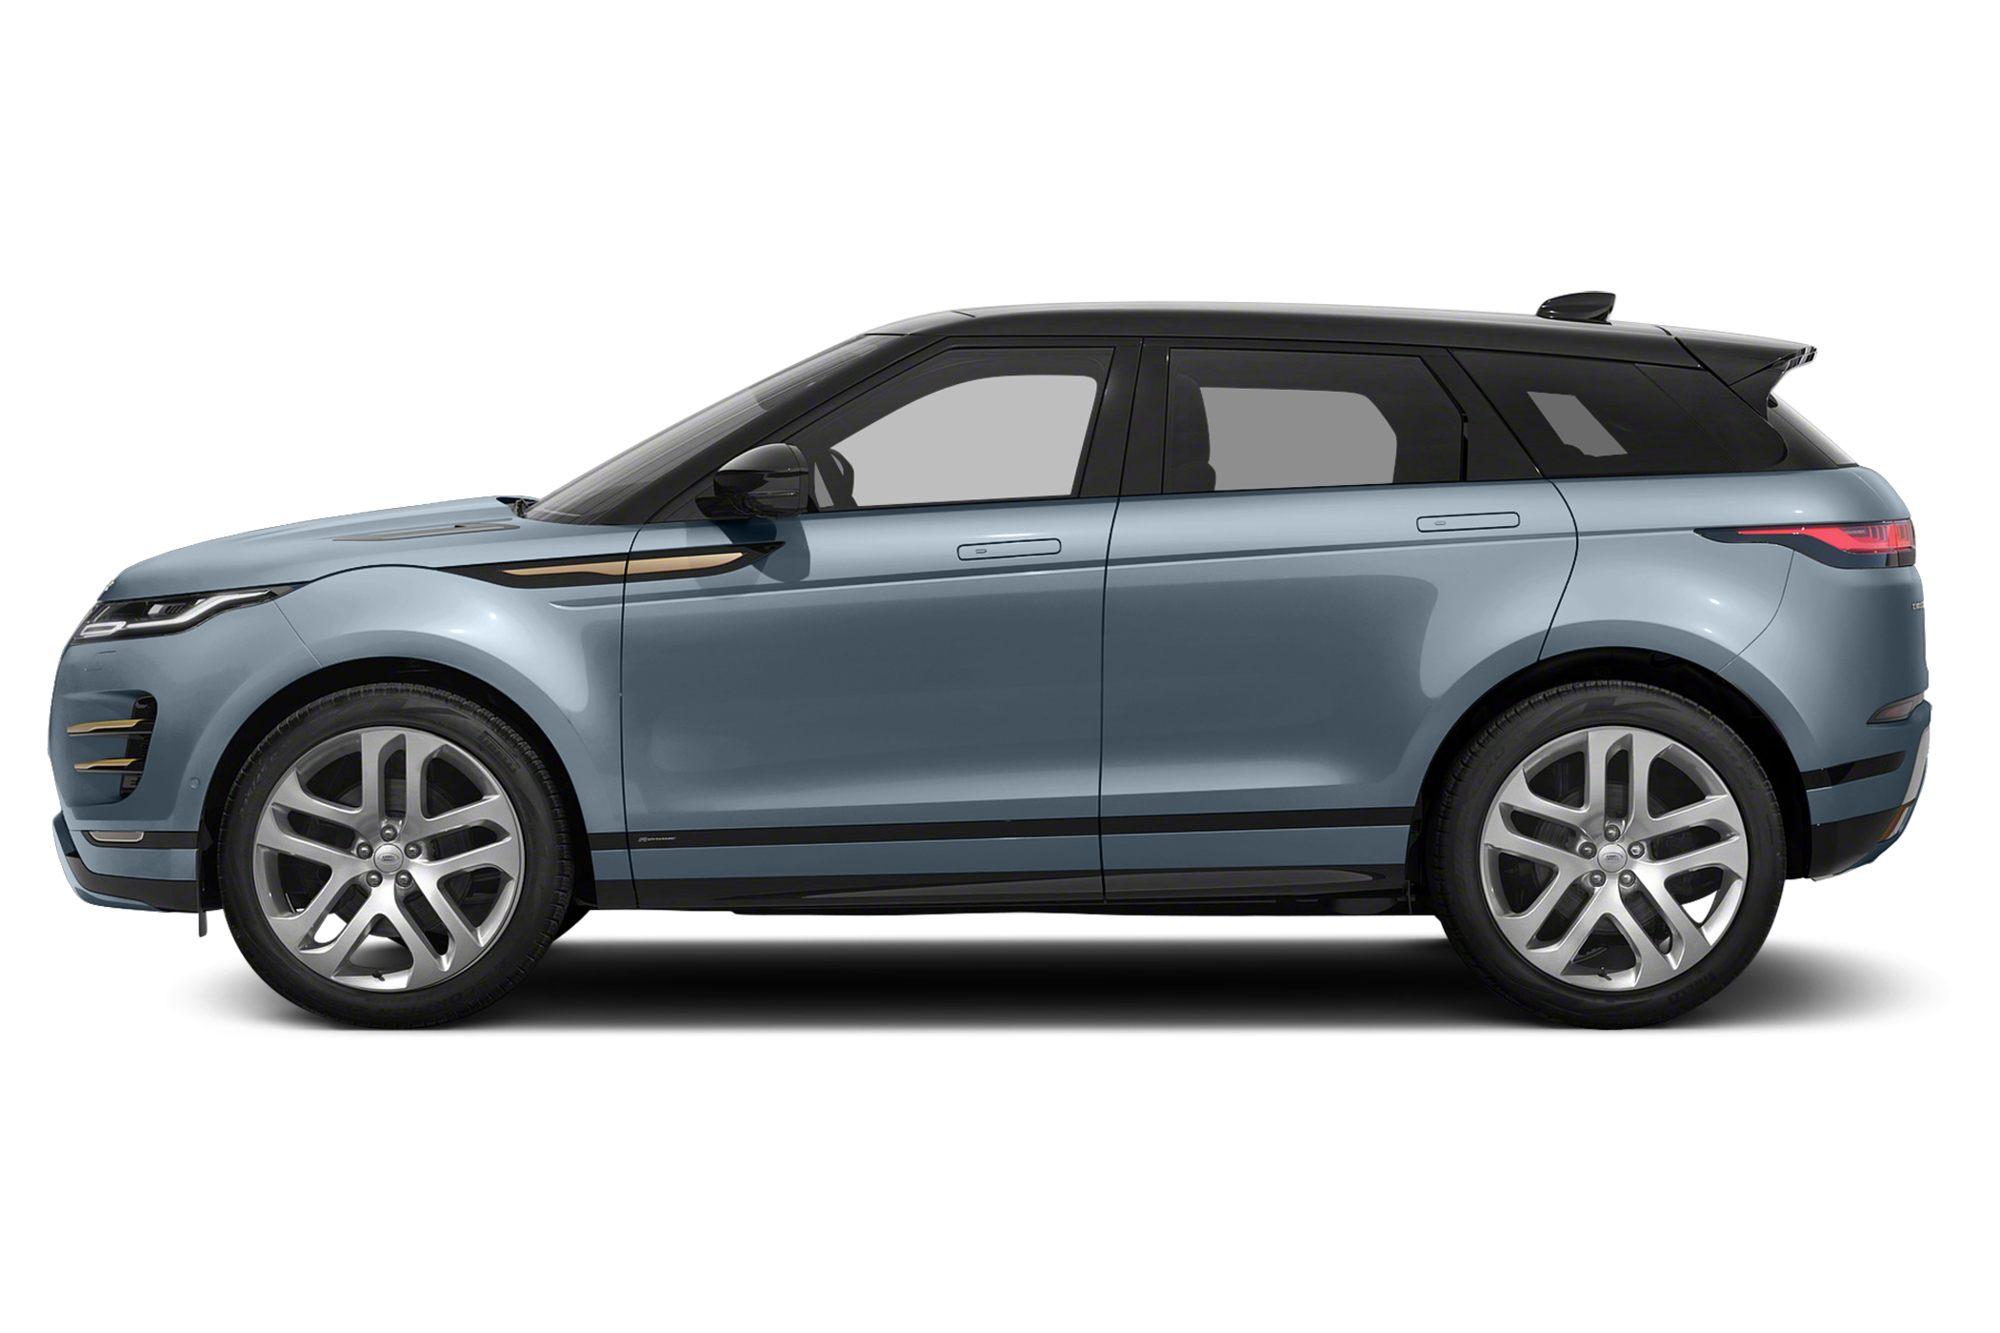 2020 Land Rover Range Rover Evoque: Recall Alert